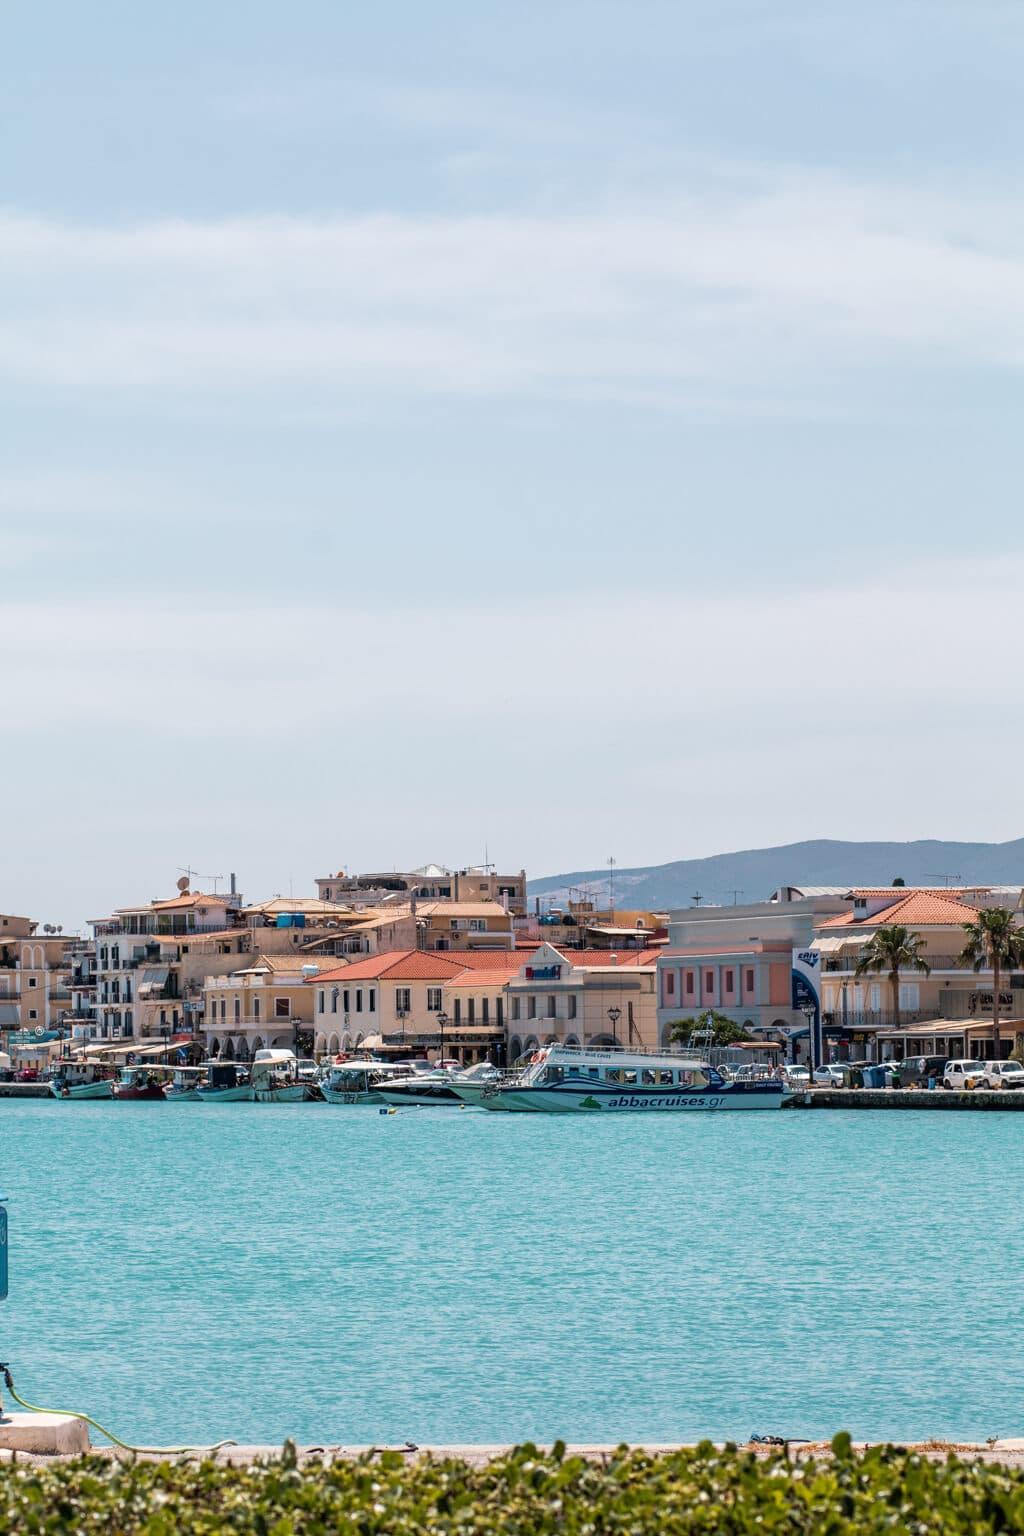 Things to do in Zakynthos, Greece | אטרקציות בזקינטוס